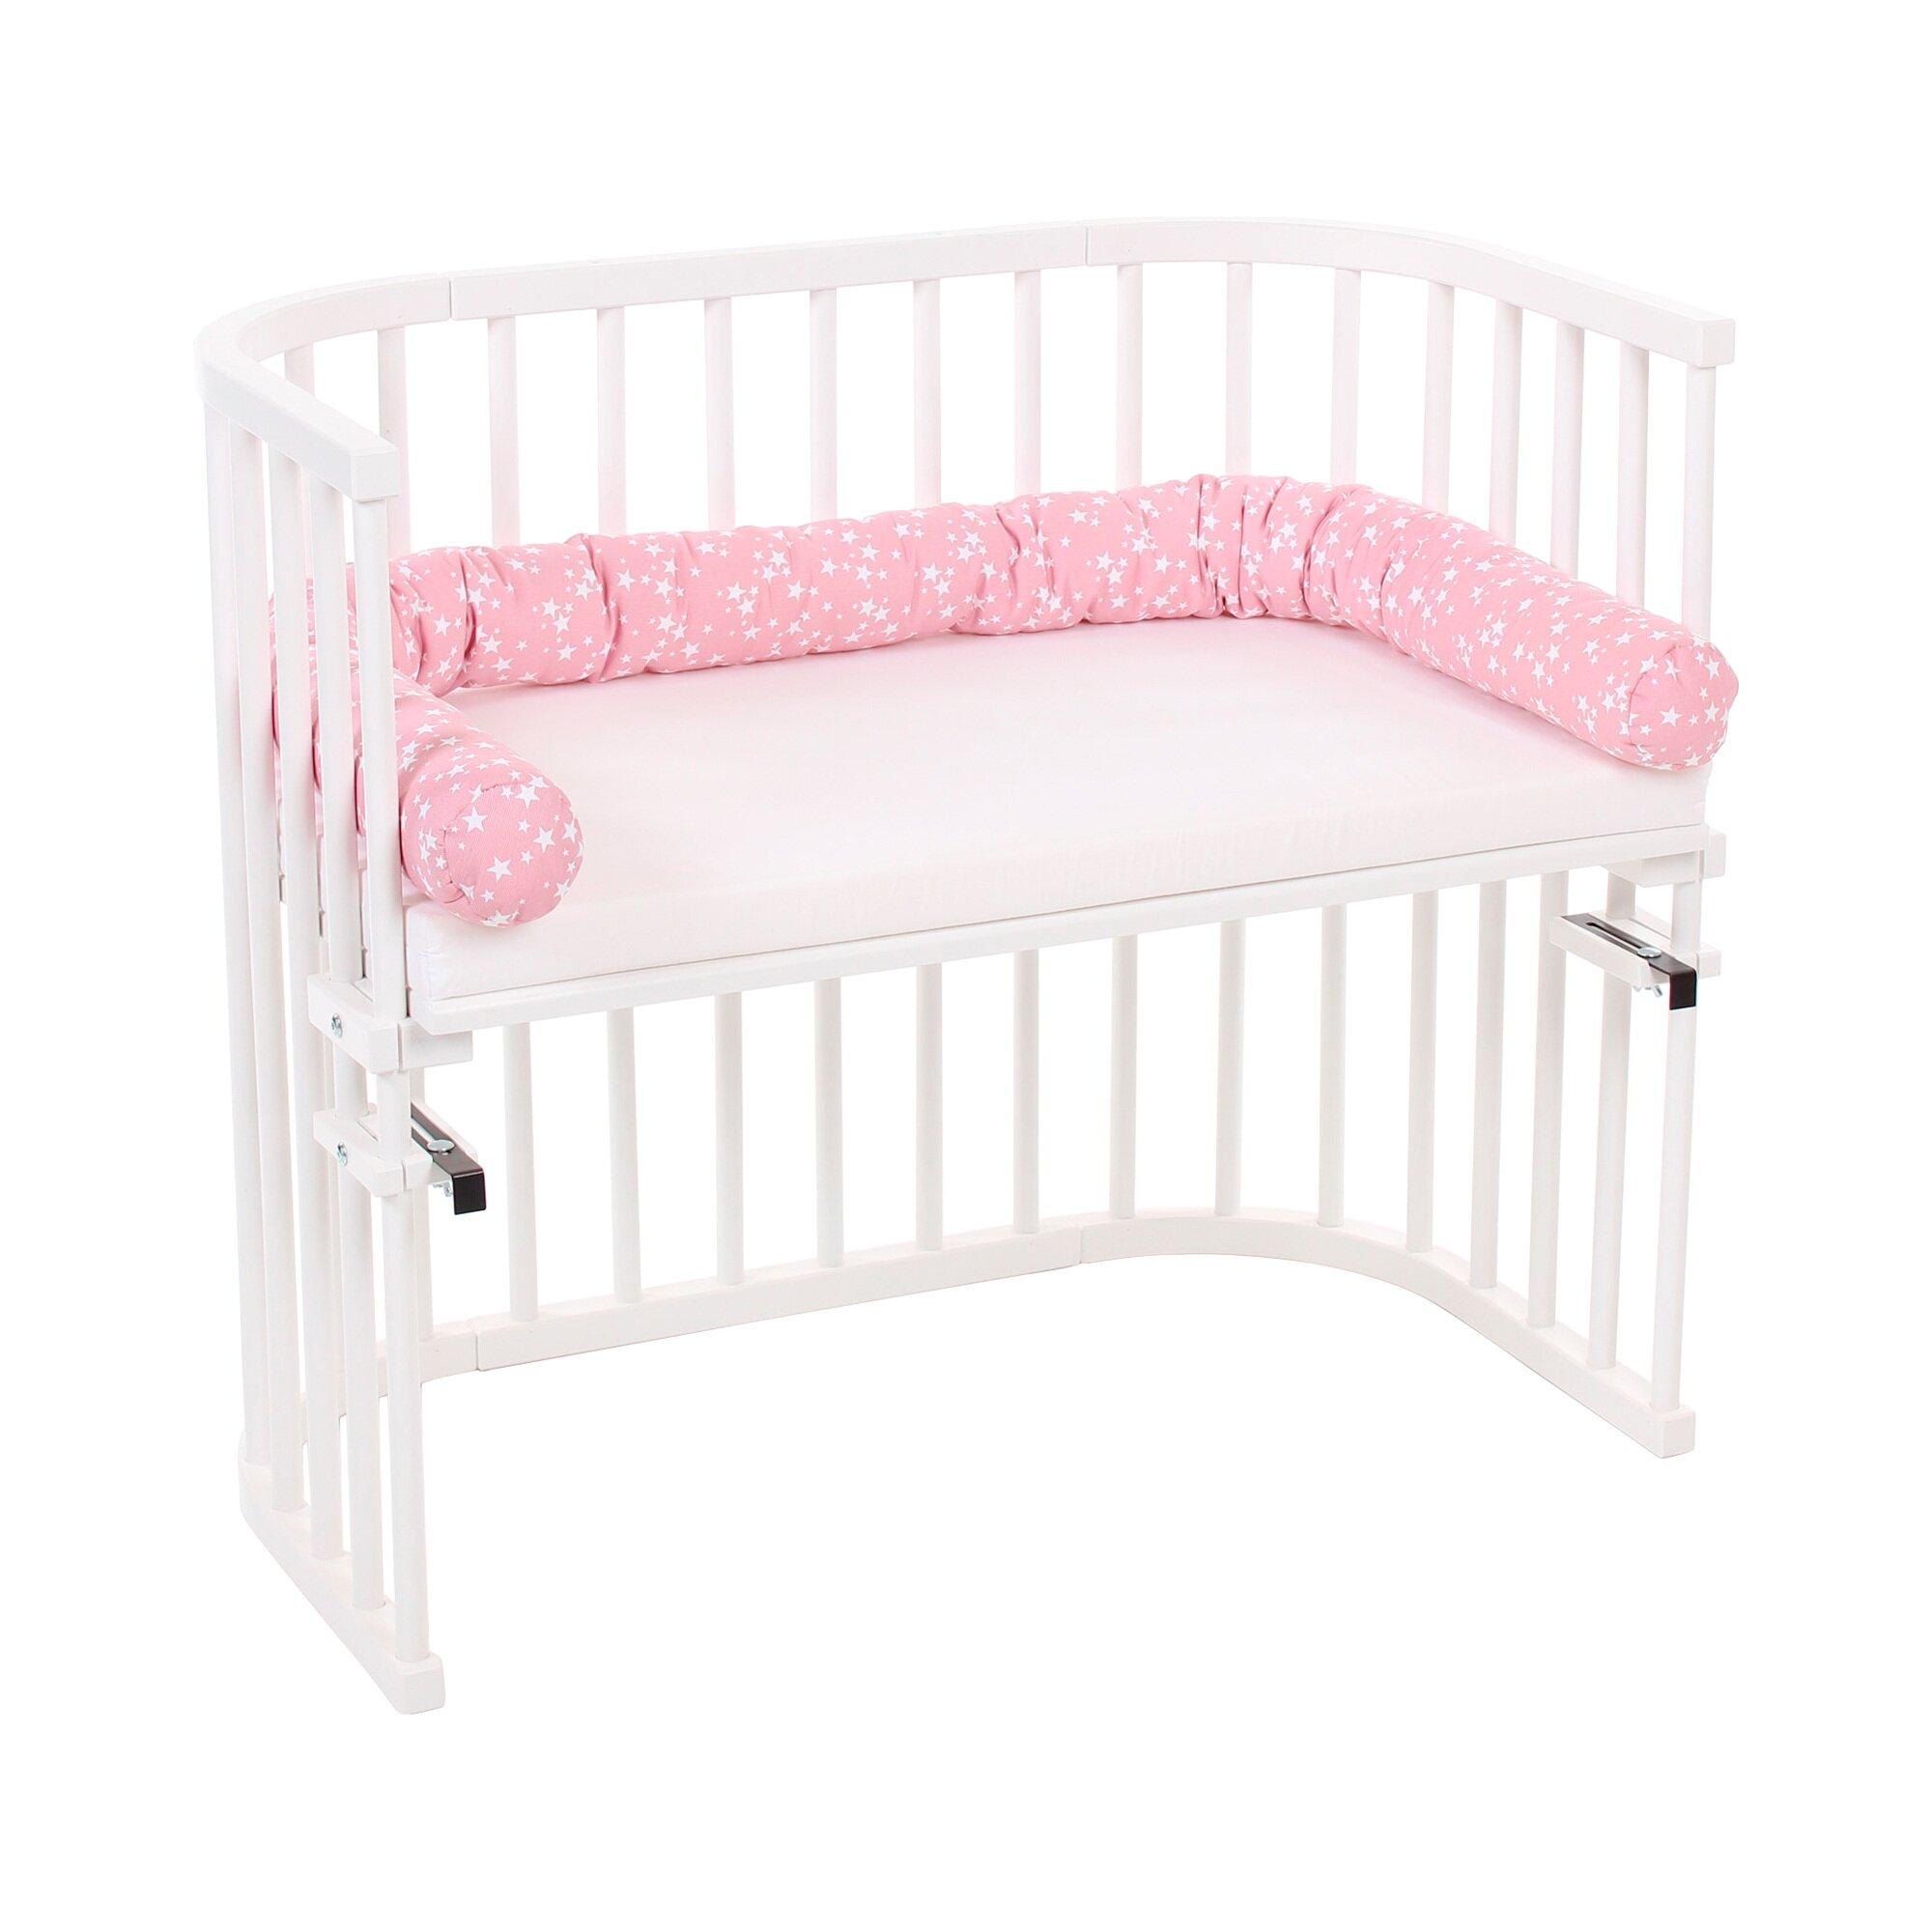 babybay-nestchenschlange-pique-180-cm-rosa